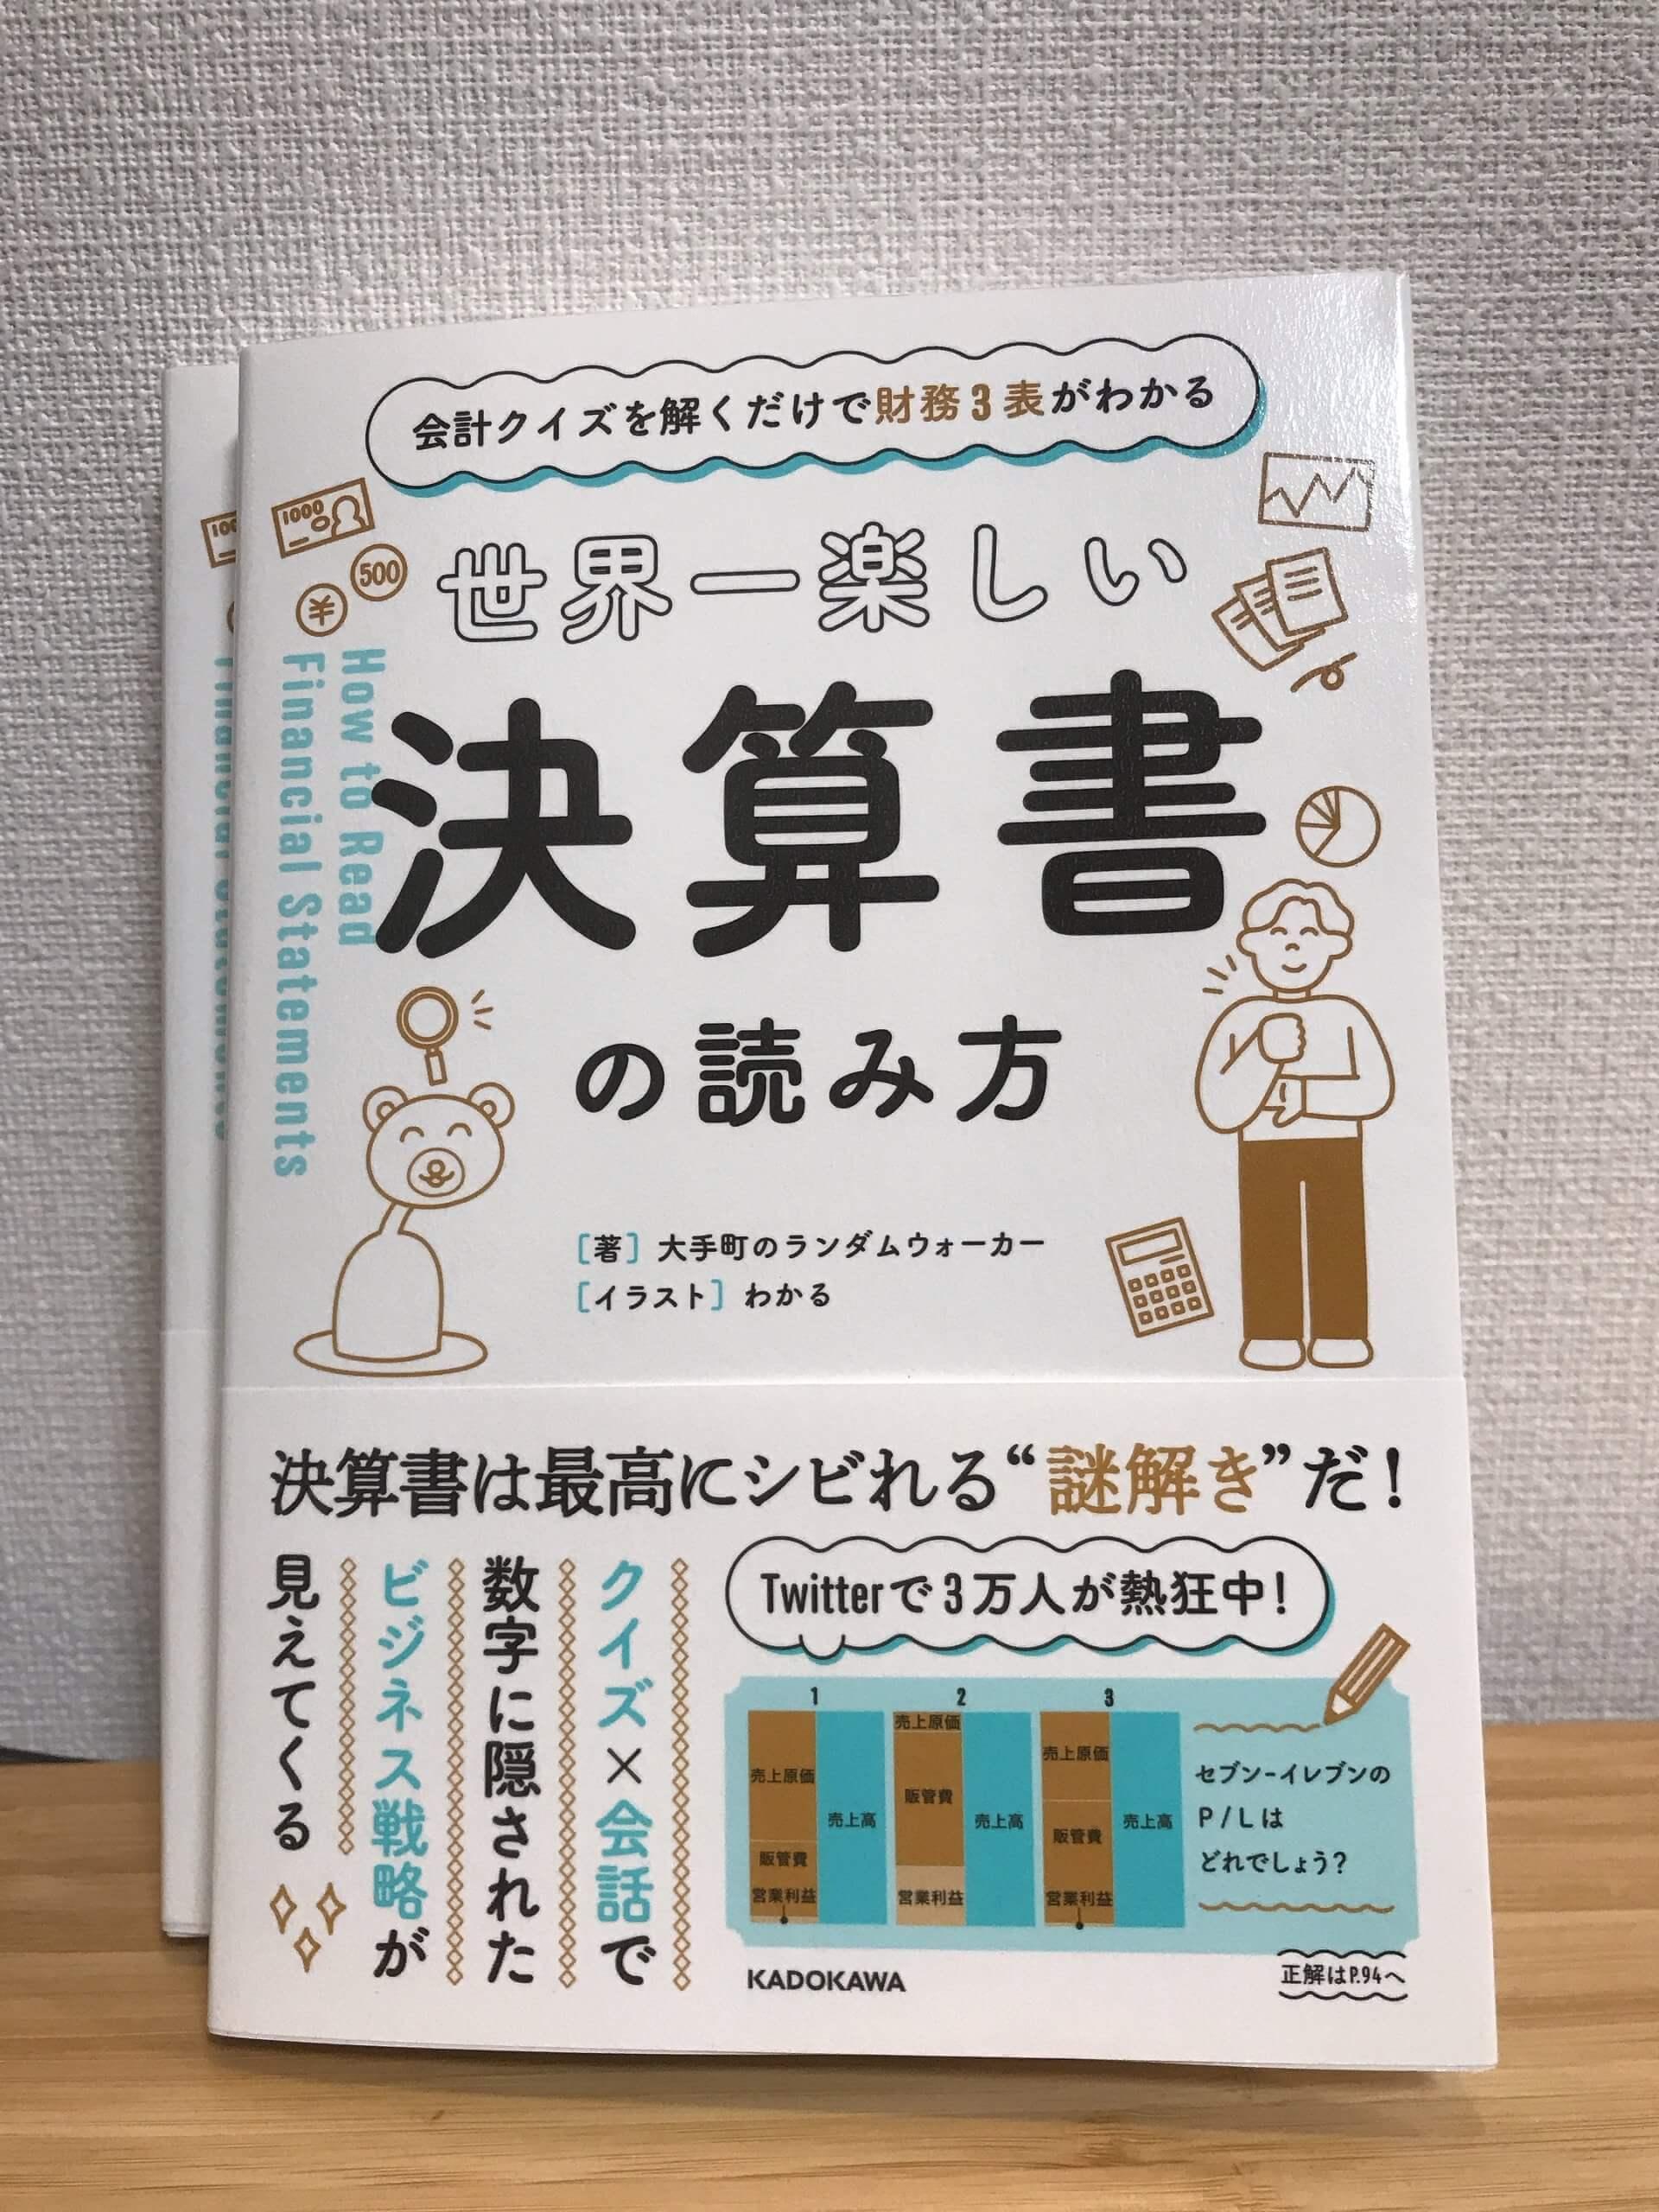 世界一楽しい決算書の読み方